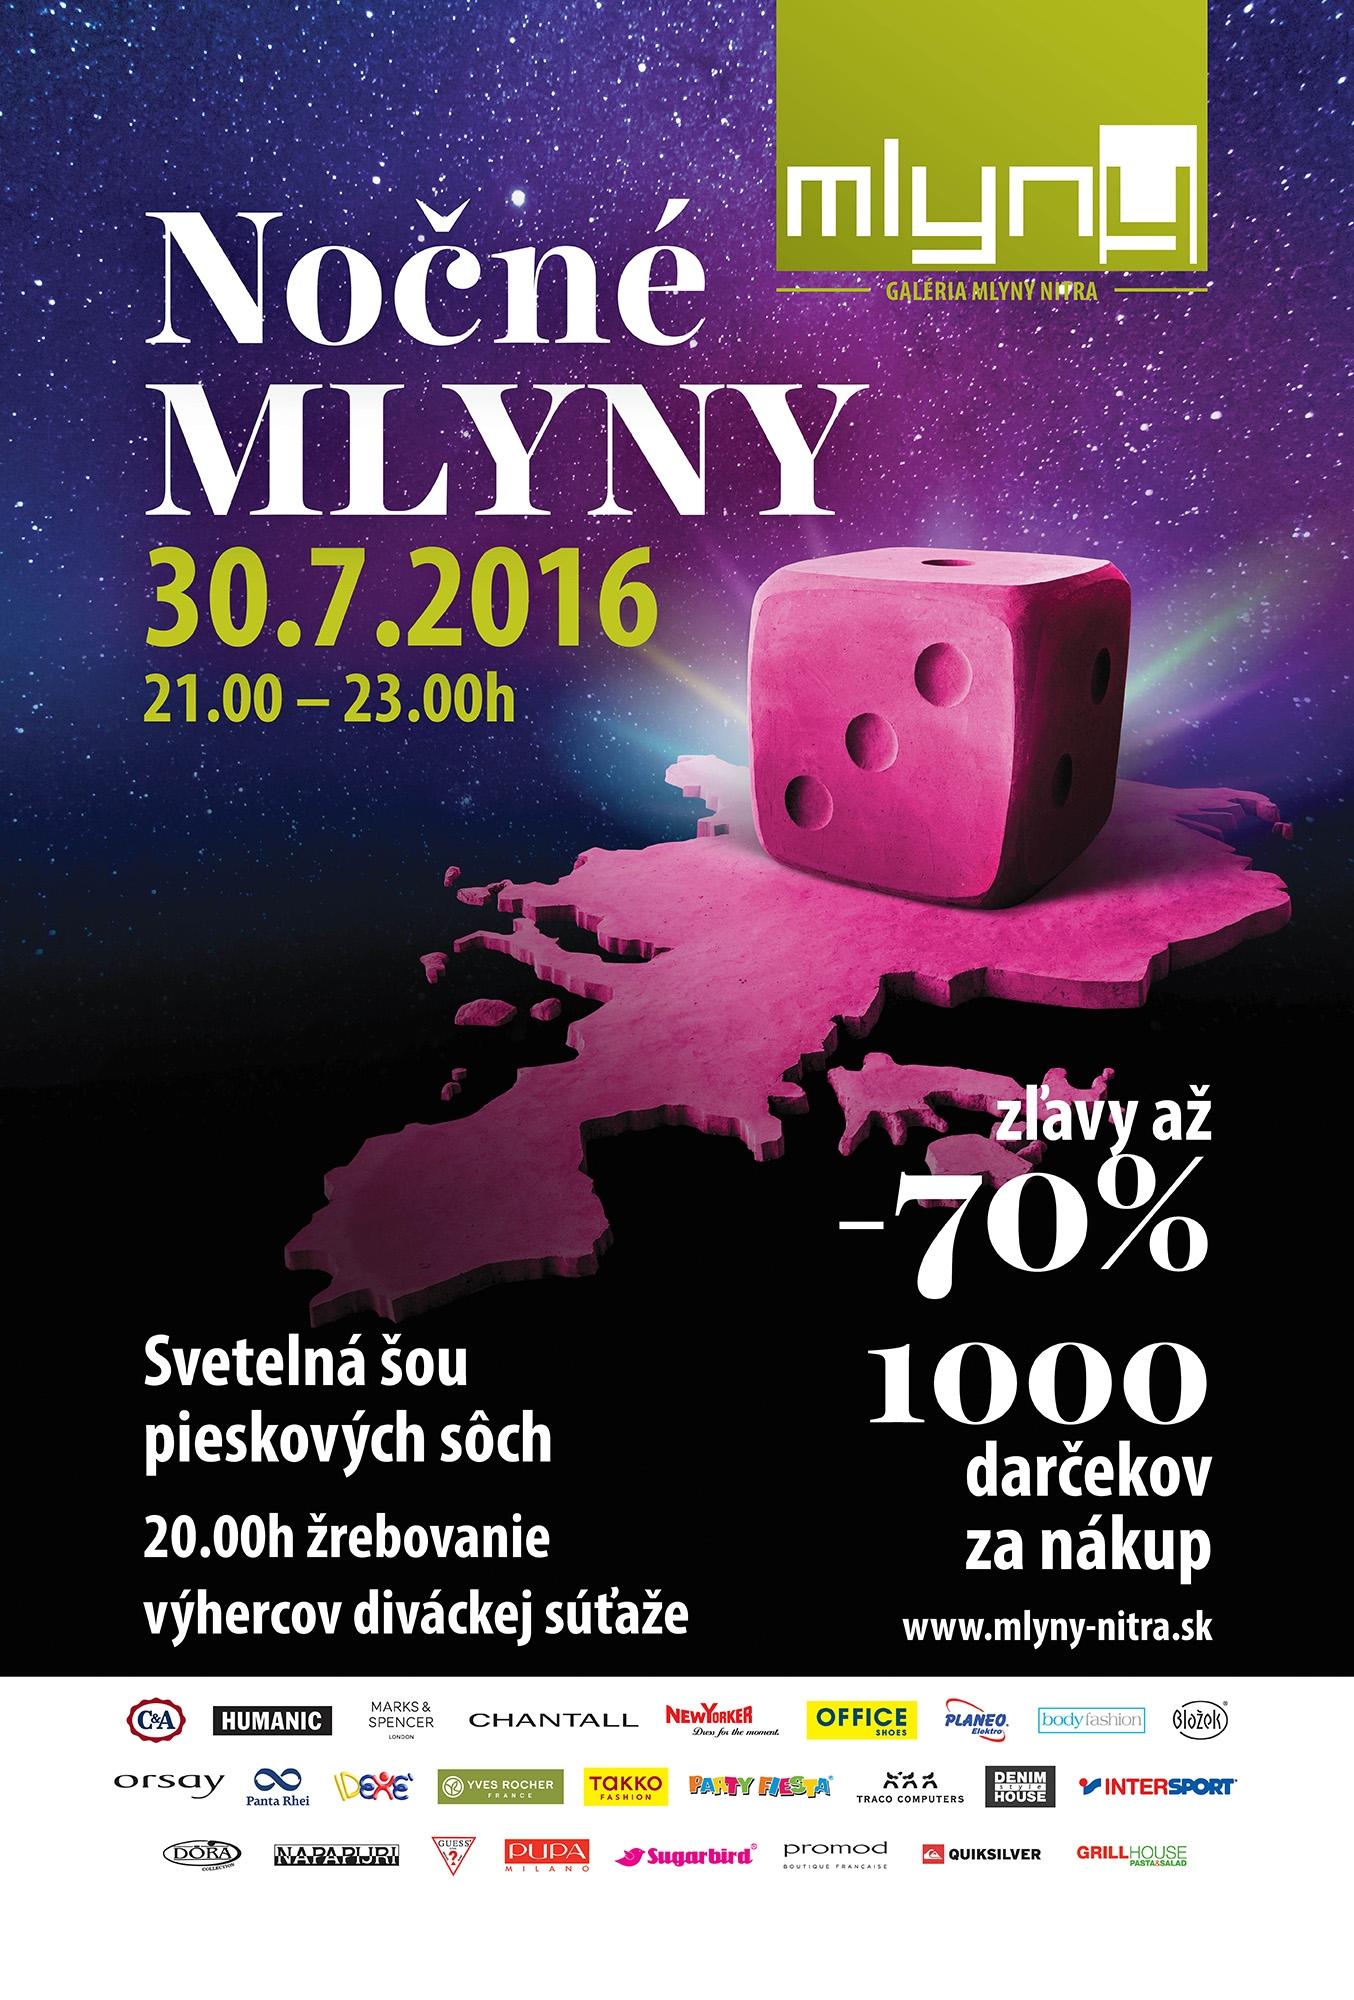 nocne_mlyny